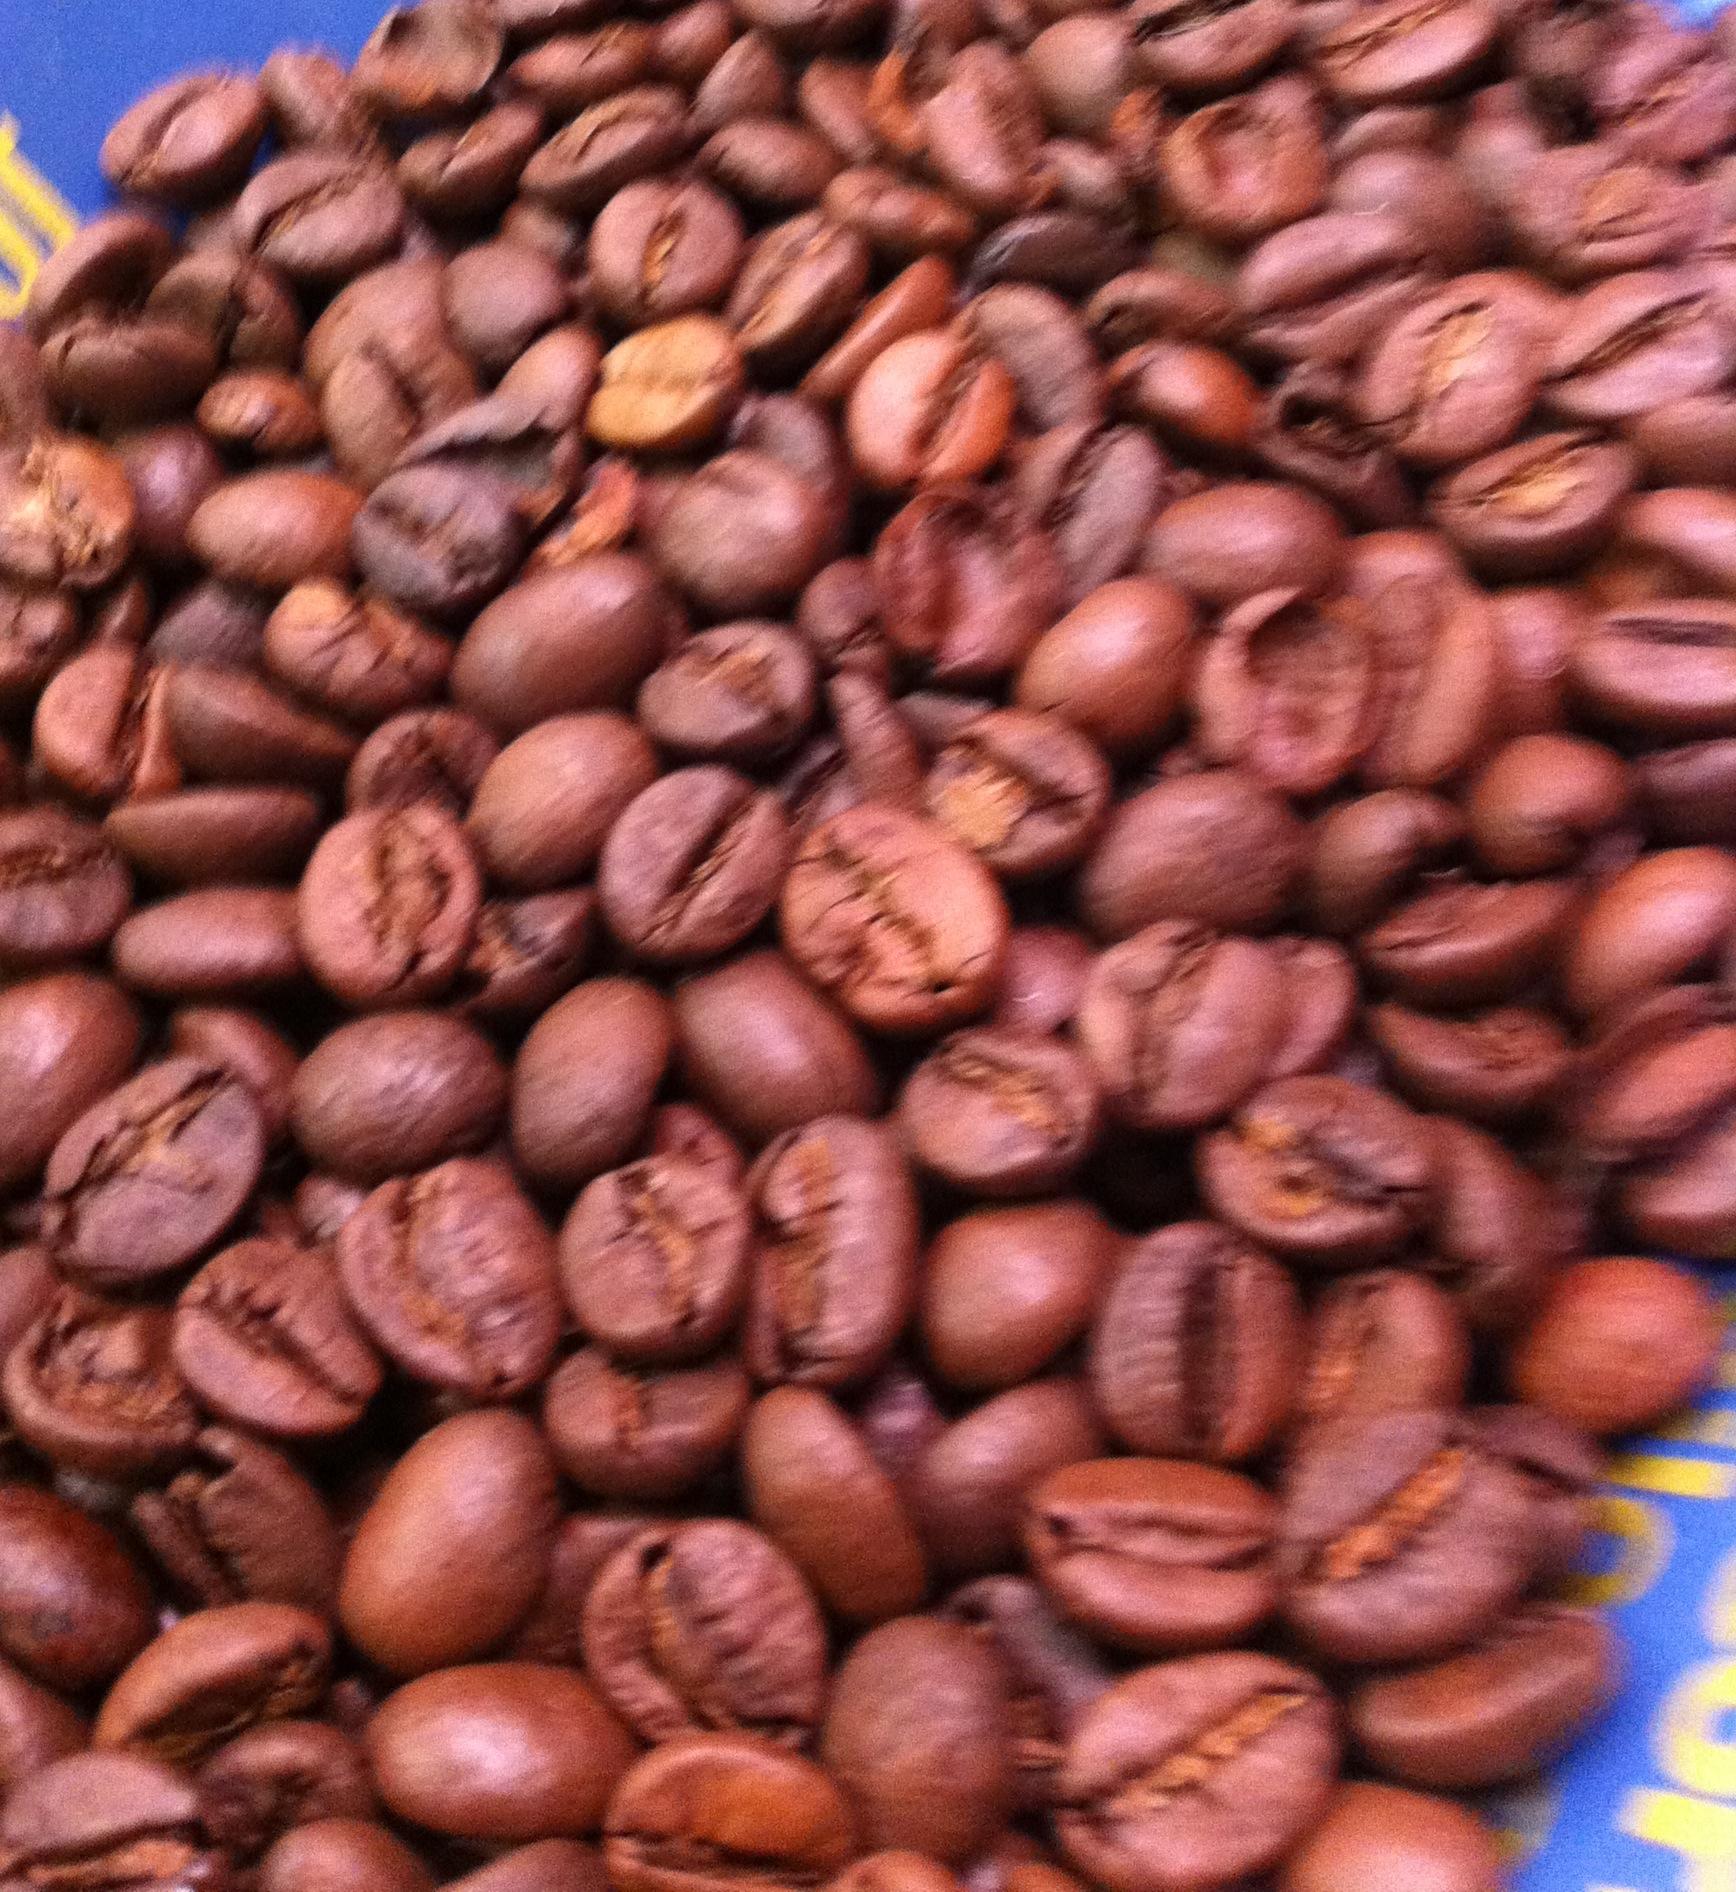 RECENSIONE DEL CAFFE' ROBUSTA NATURALE TANZANIA AB